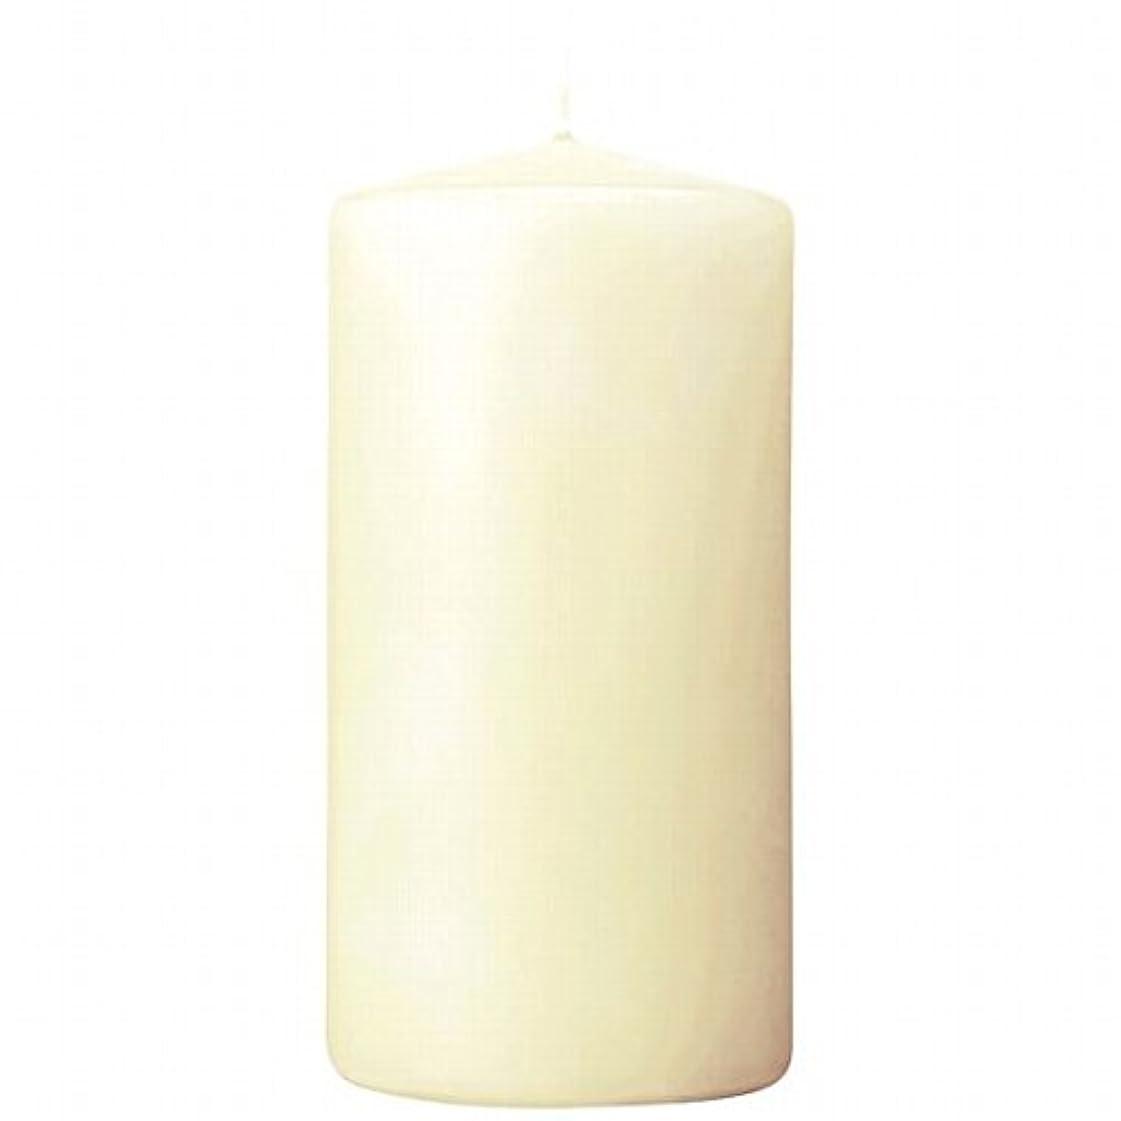 ブラシまたはどちらか排他的カメヤマキャンドル(kameyama candle) 3×6ベルトップピラーキャンドル 「 アイボリー 」